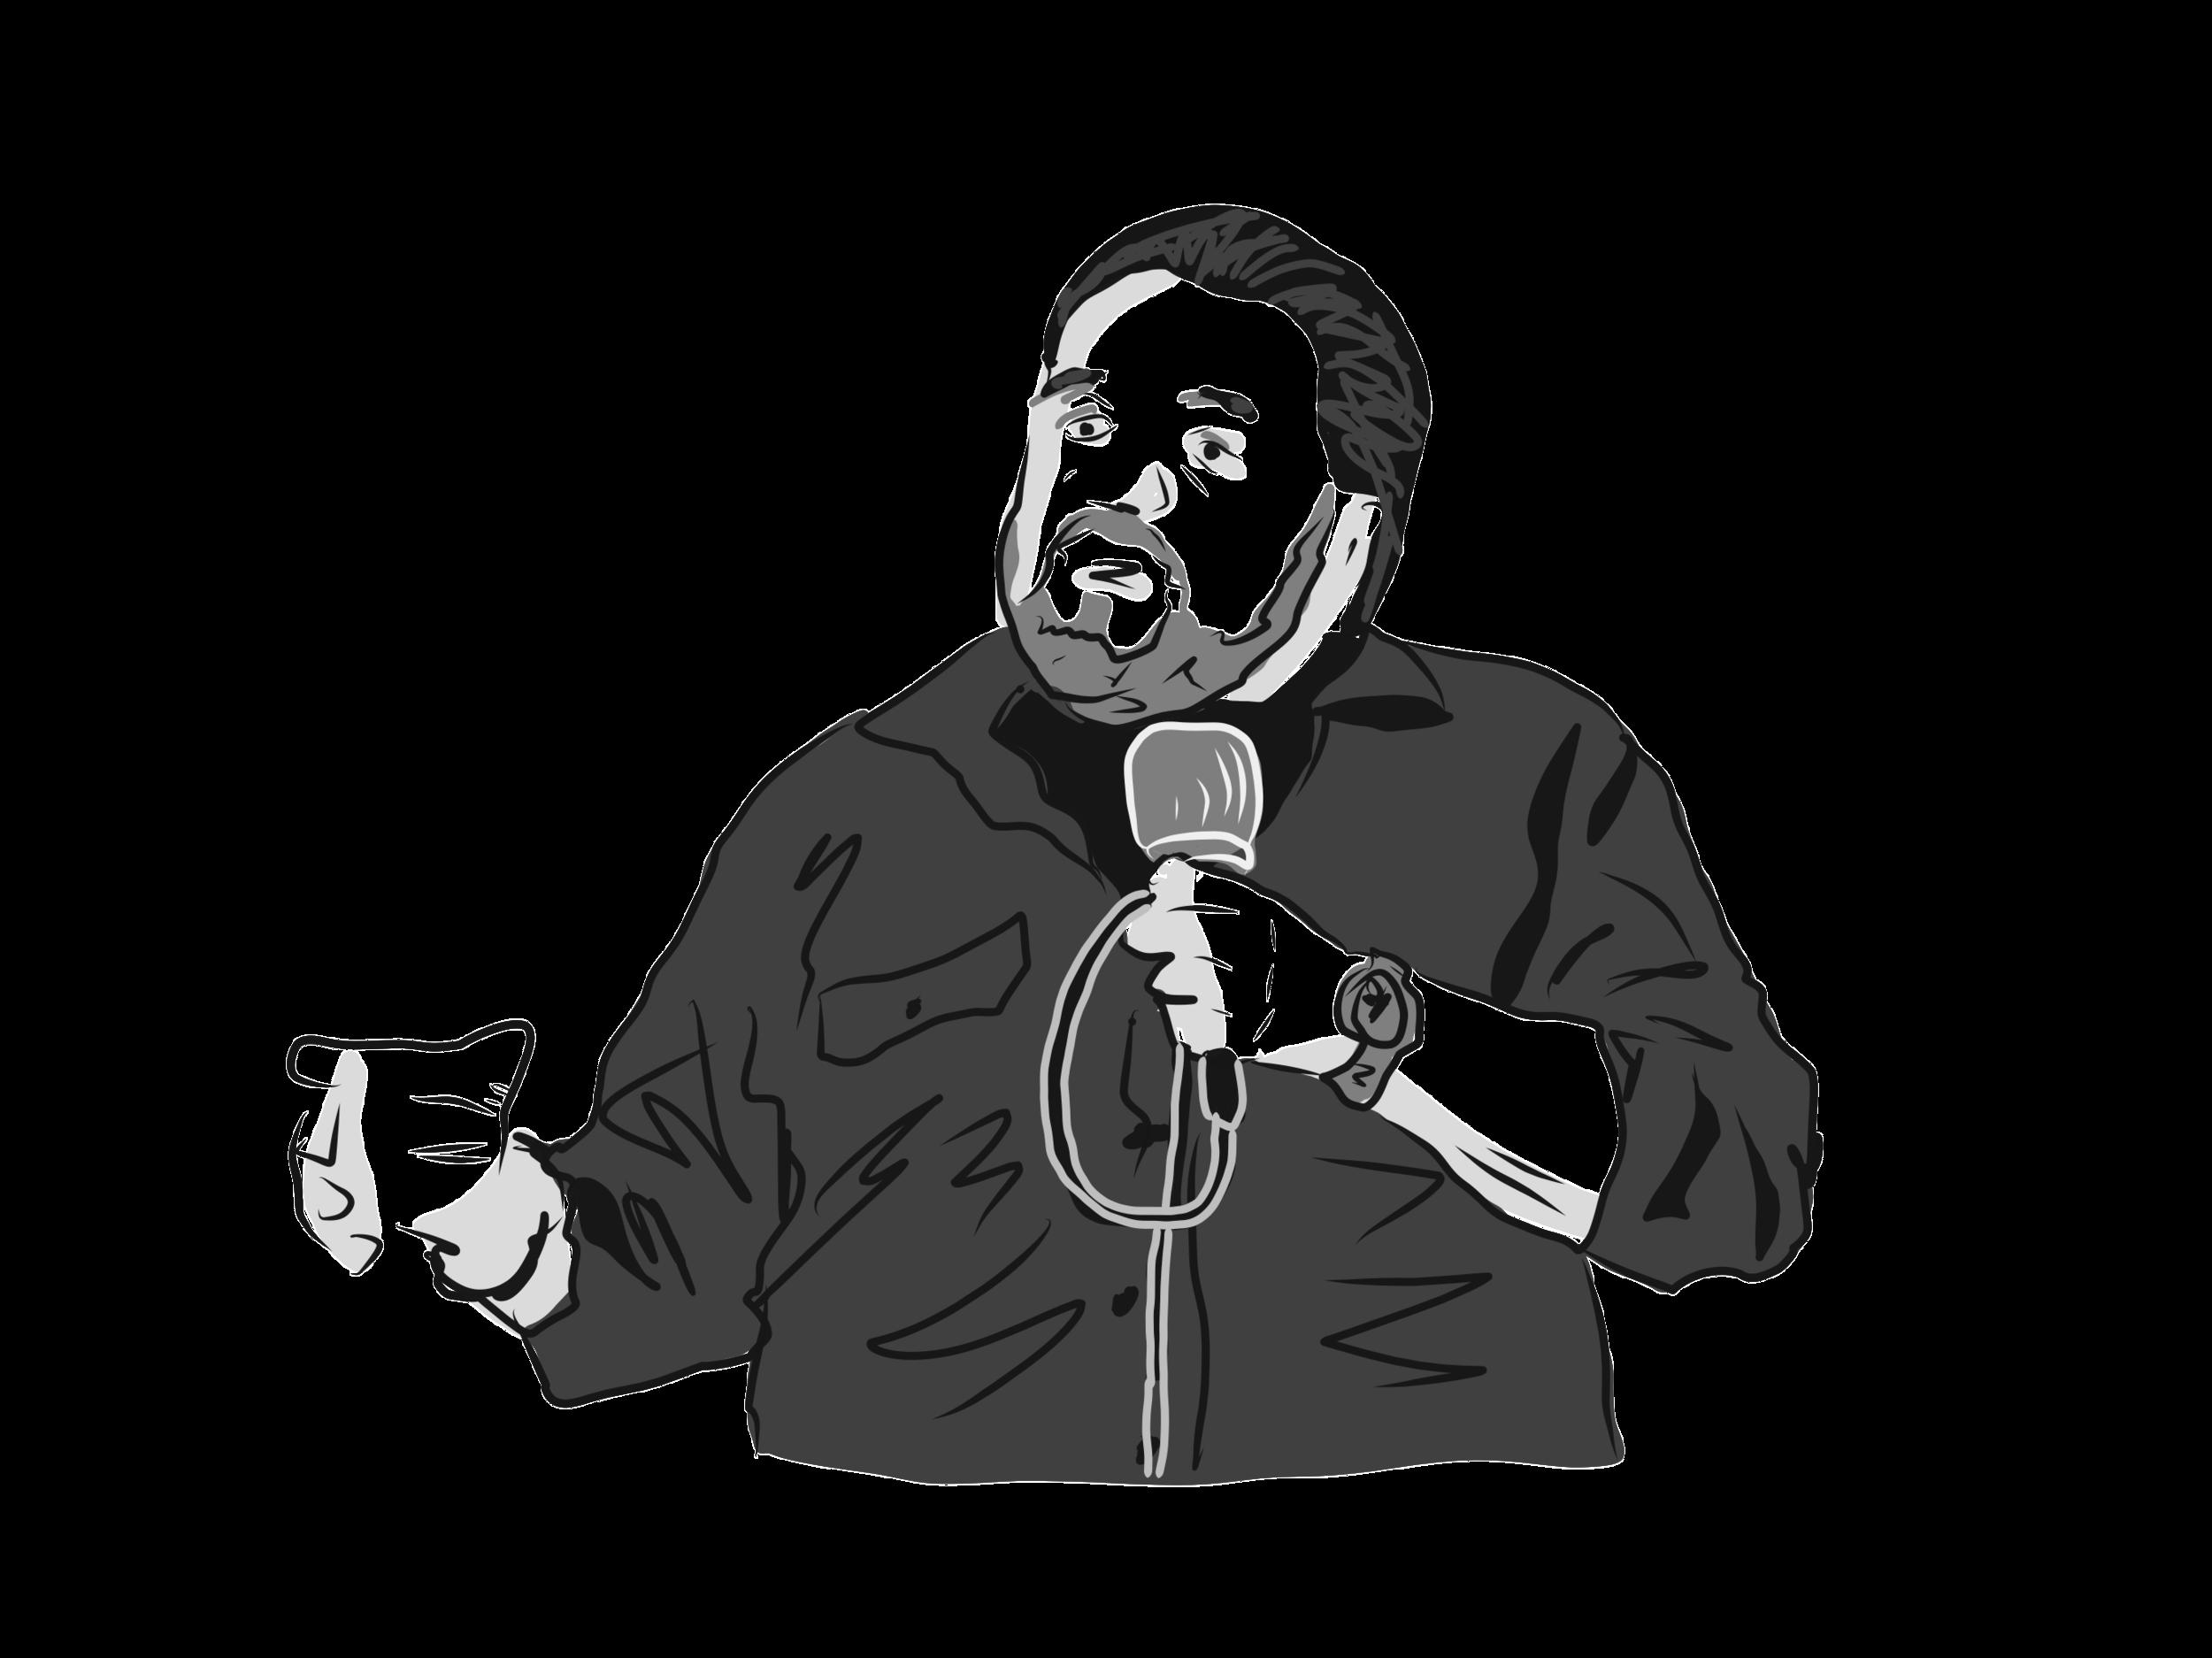 """Luděk Staněk - Luděk Staněk (věk narození neznámý) je novinář, moderátor a manažer. Už několik let uvádí, že je mu 39 let. Má svůj populární pořat na MALL.tv. V minulosti pracoval například v Reflexu, Hospodářských novinách nebo v internetové televizi Stream.. Vystupuje jako standup komik od listopadu 2014, ale popírá, že by s tím měla cokoli společného krize středního věku. Ta začíná přece mnohem později než v 39 letech. Den, kdy má vystoupení, začíná Luděk tím, že organizátorům a kolegům pošle SMS, že """"tentokrát to nedám, jděte do háje"""". Ty posílá celý den. Večer samozřejmě vystoupí a má úspěch."""